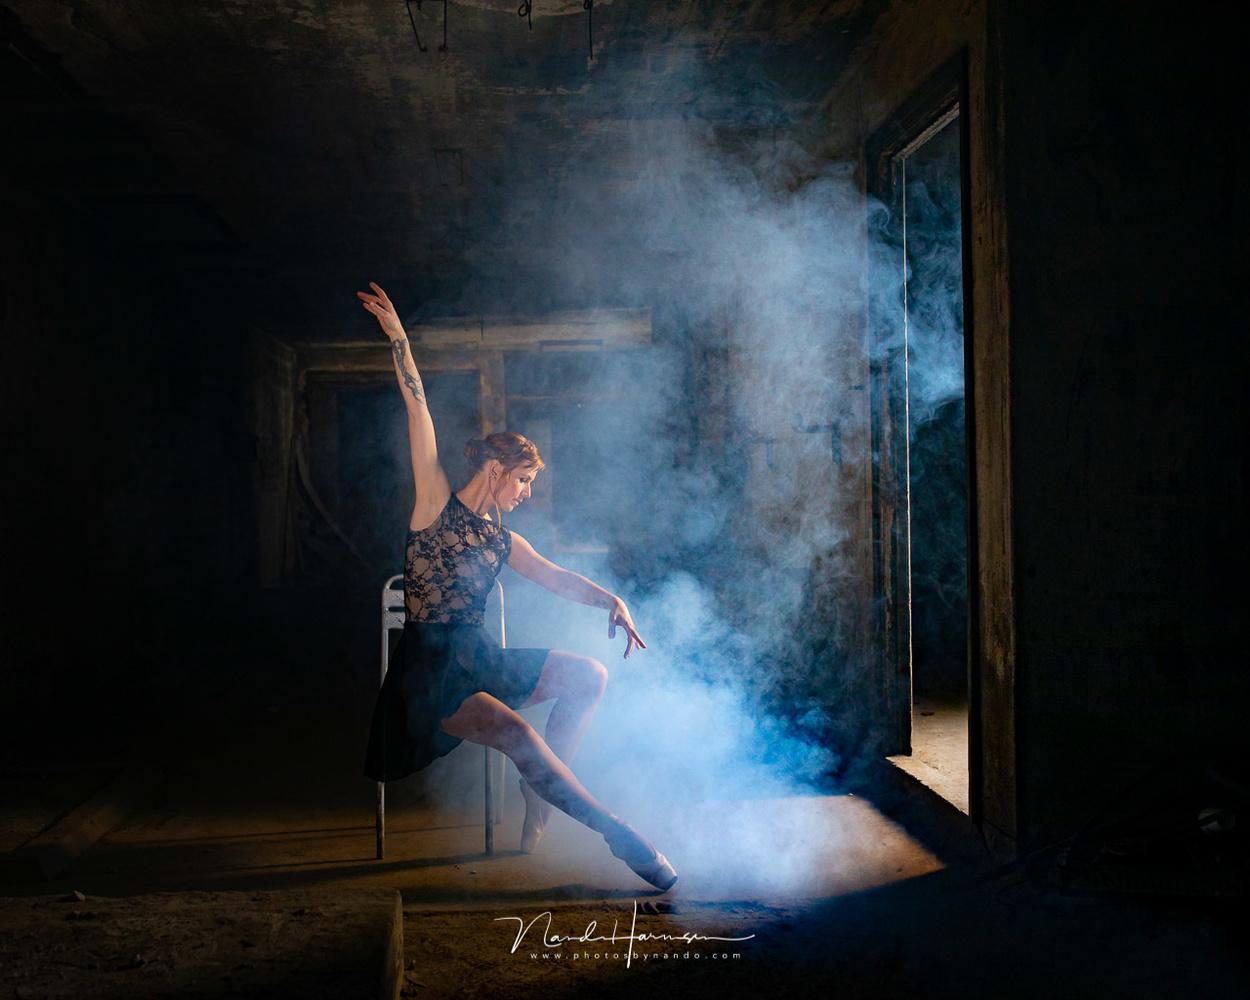 A dancer by Nando Harmsen